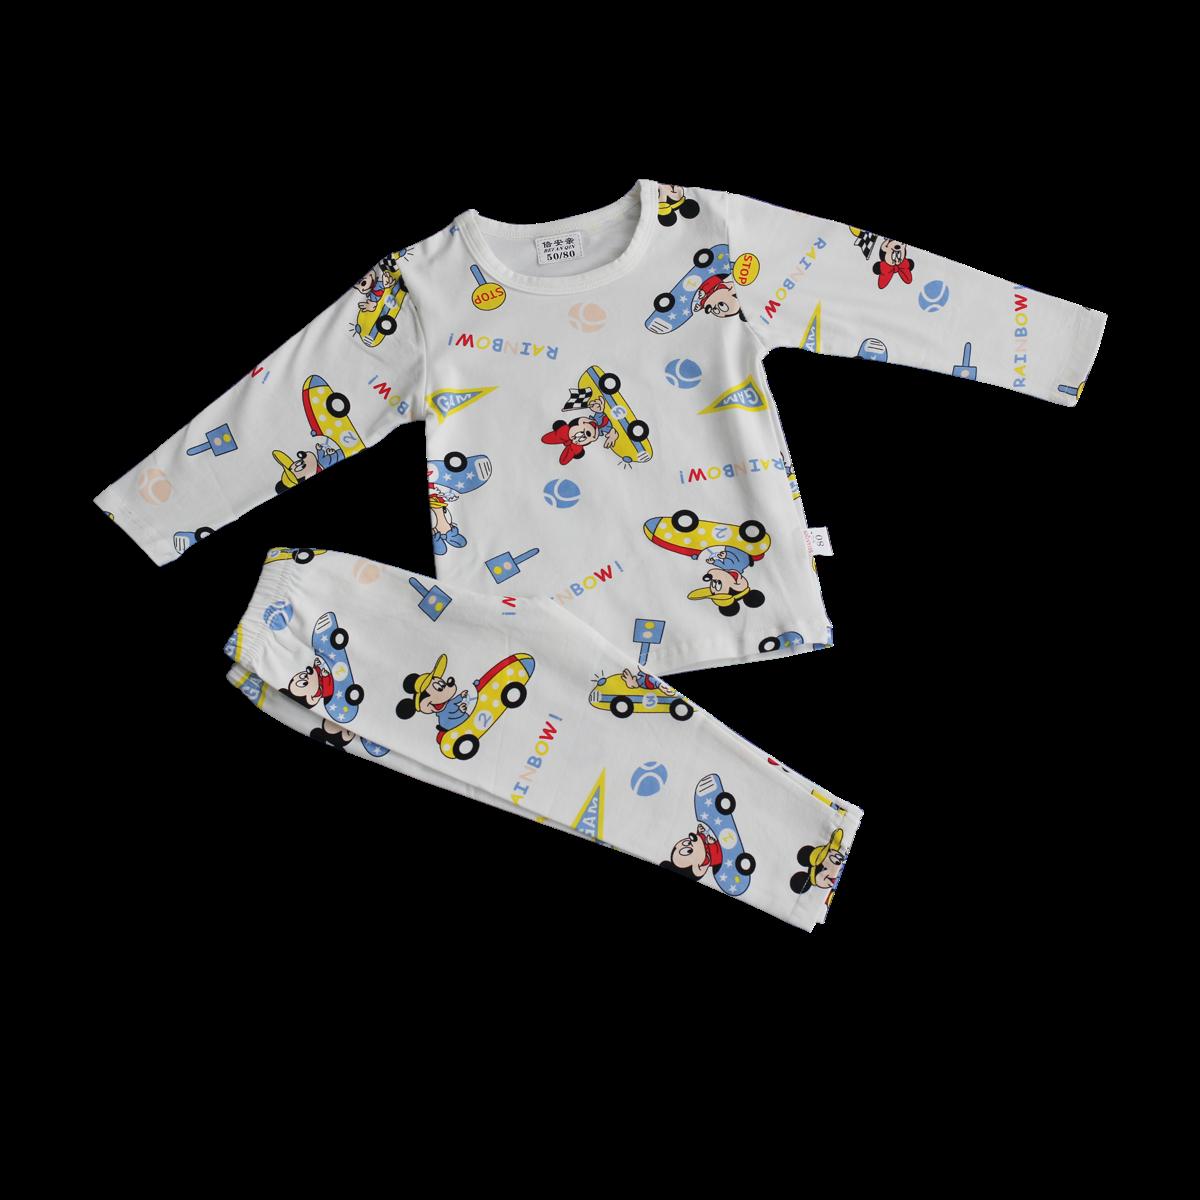 Bộ quần áo bé trai in hình QC5008 (1-3T)